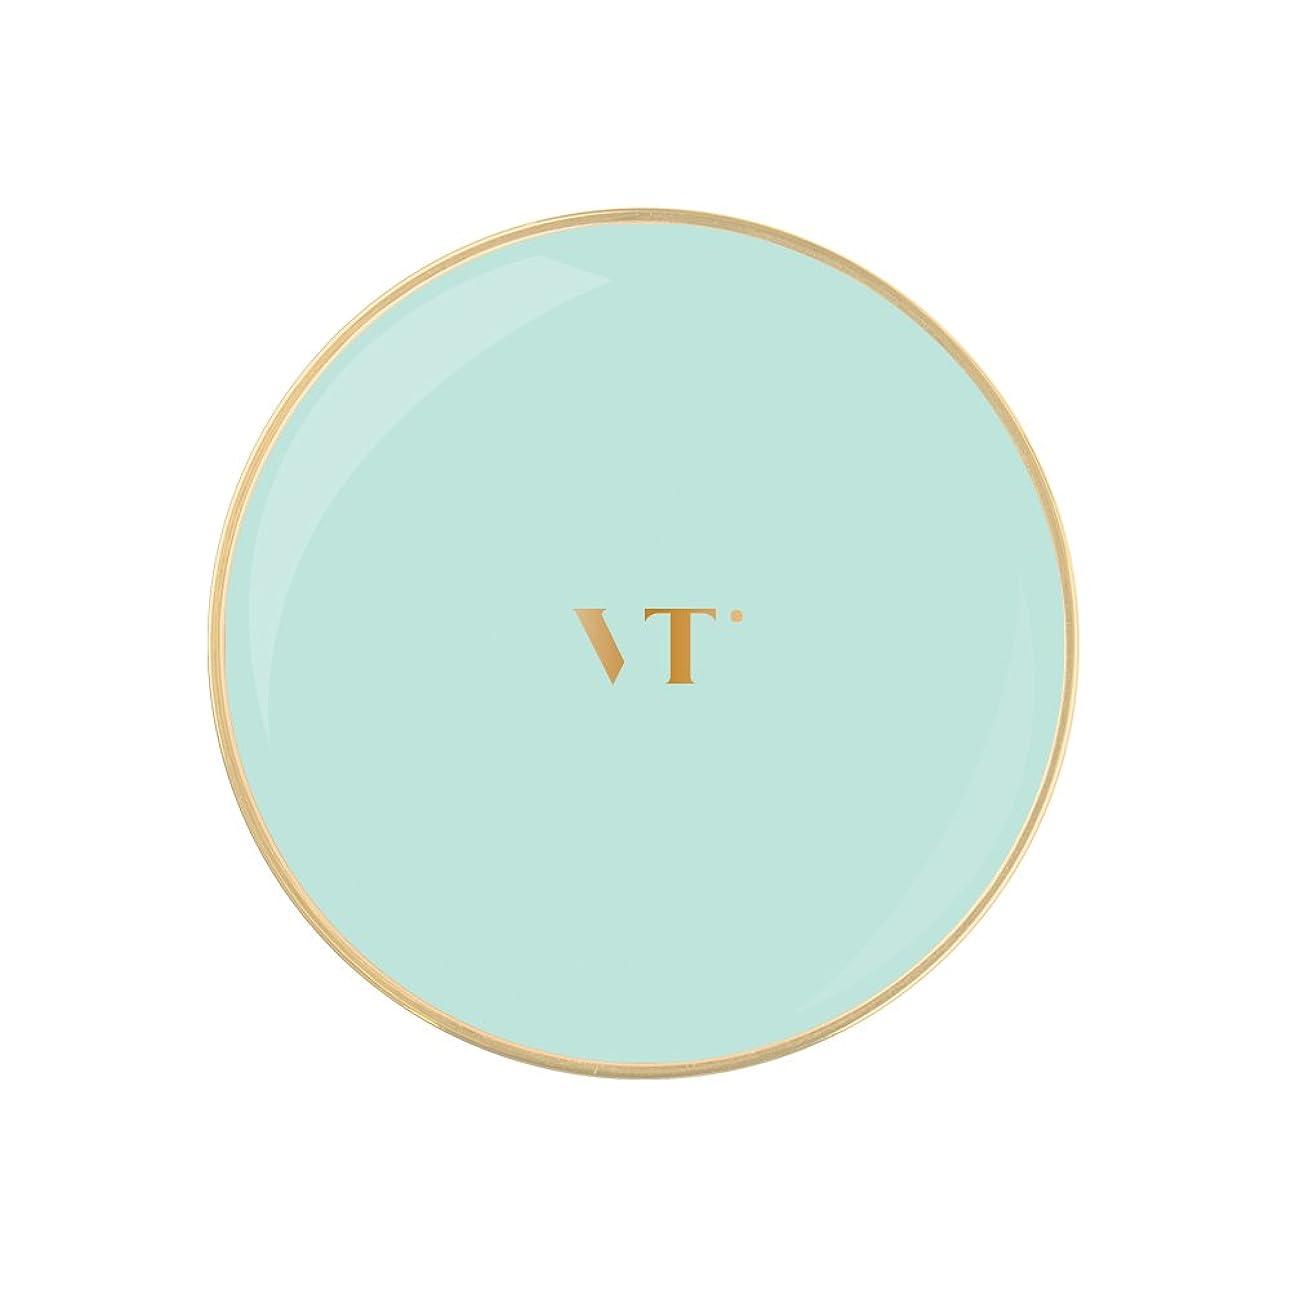 クルーズ写真遅れVT Blue Collagen Pact 11g/ブイティー ブルー コラーゲン パクト 11g (#23) [並行輸入品]